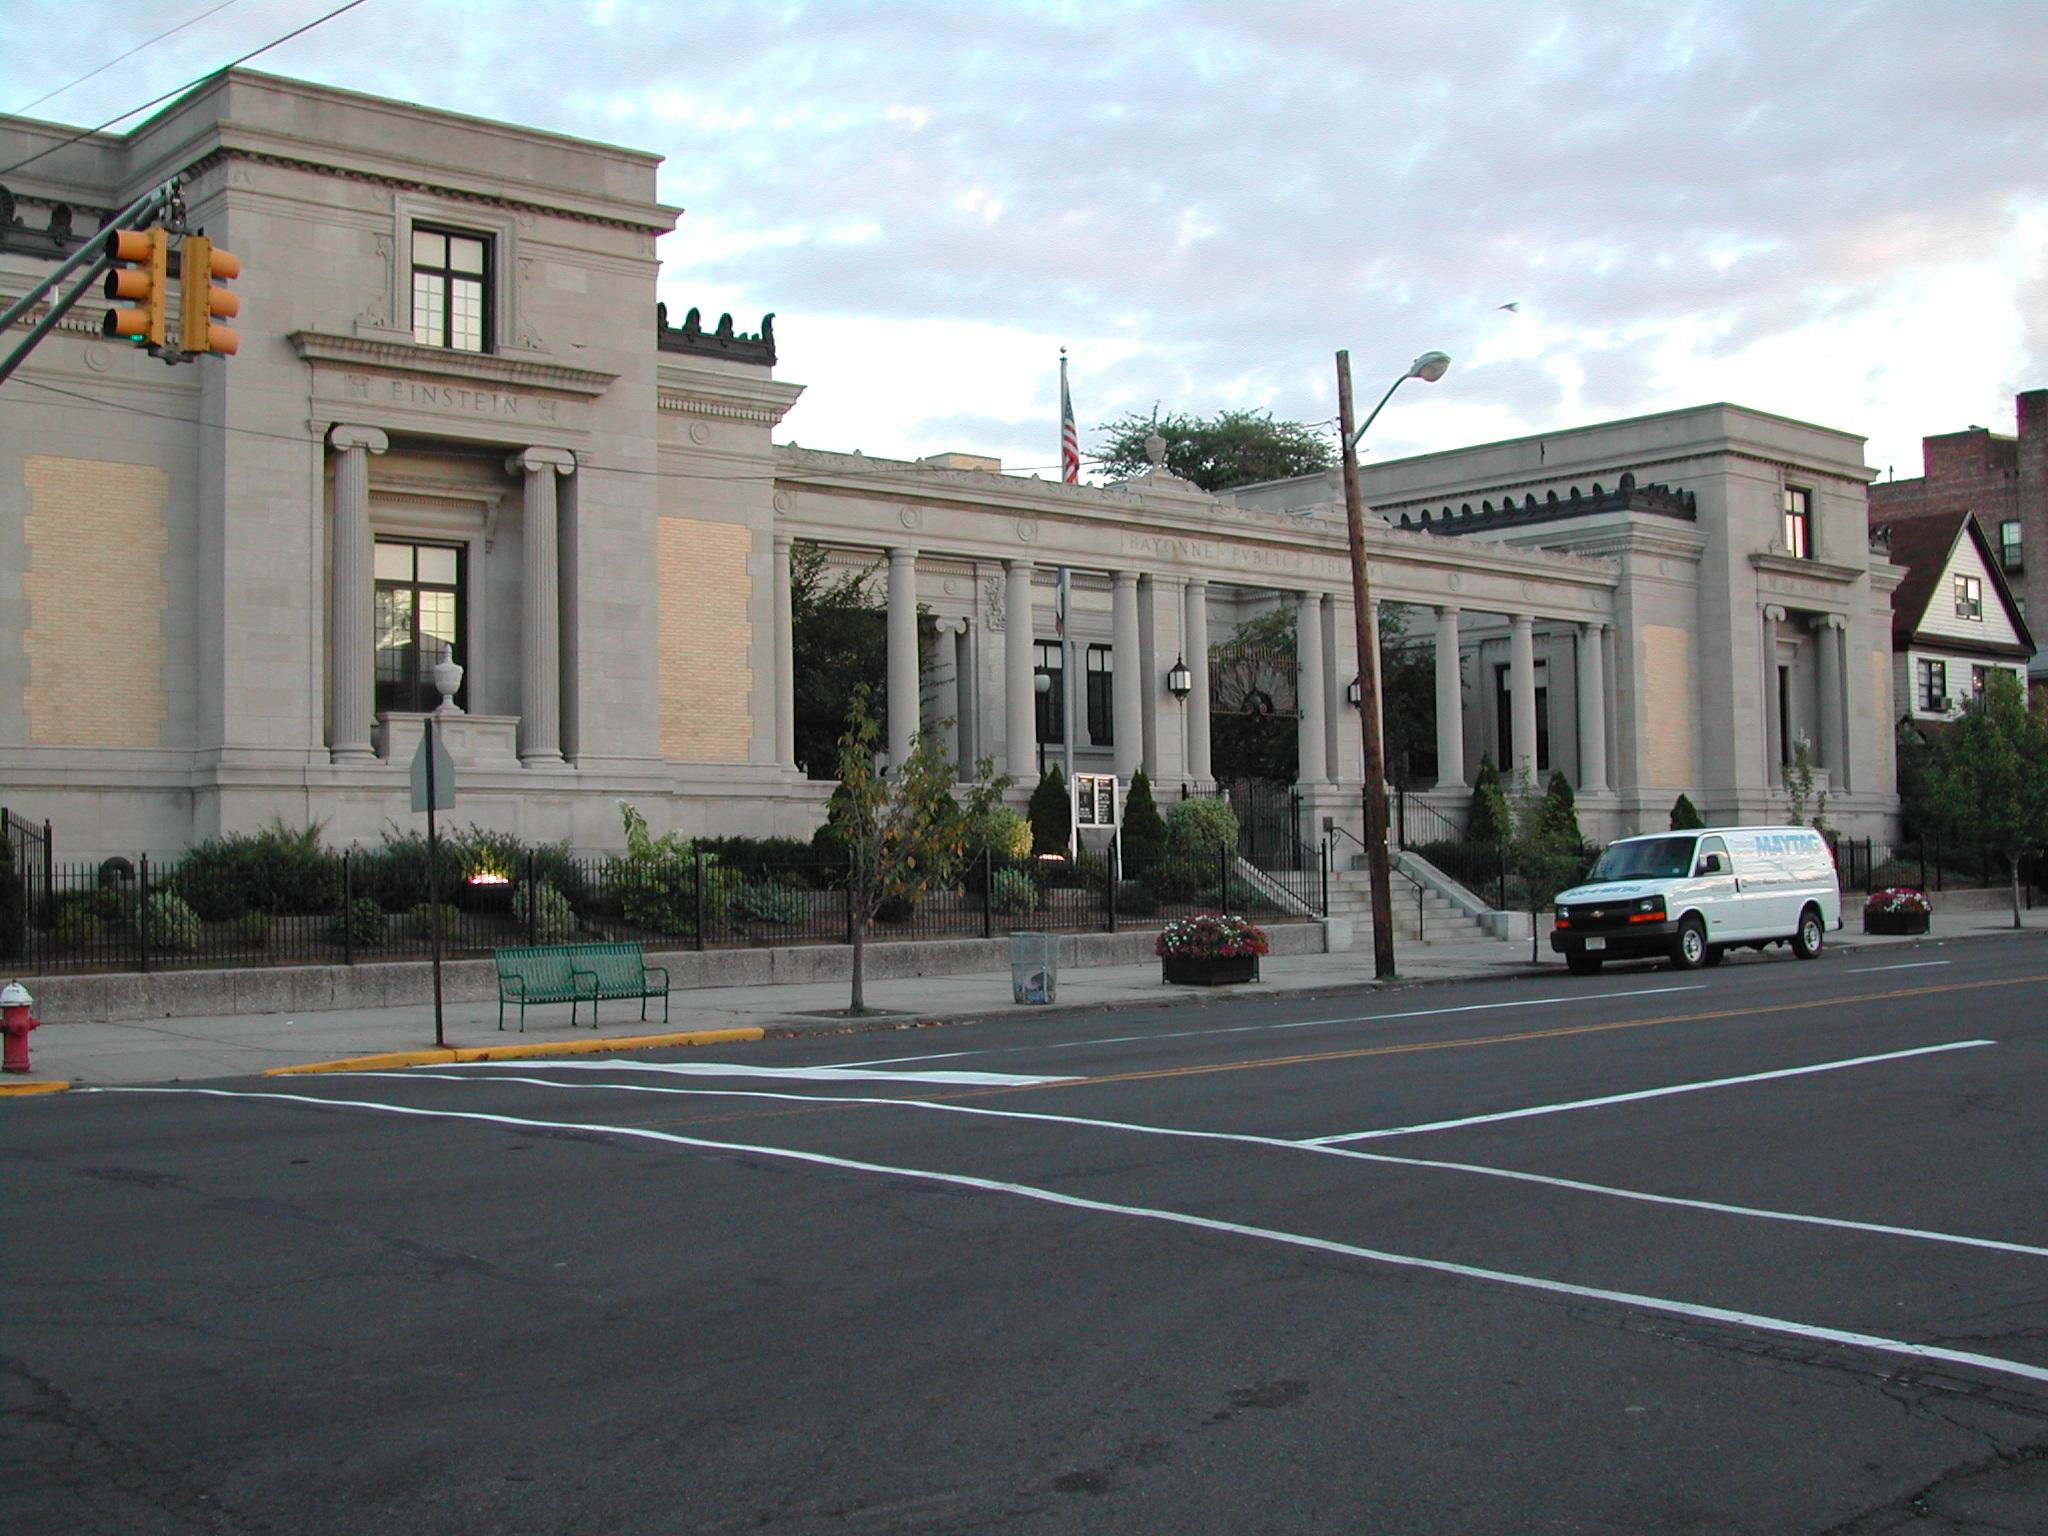 Bayonne Free Public Library